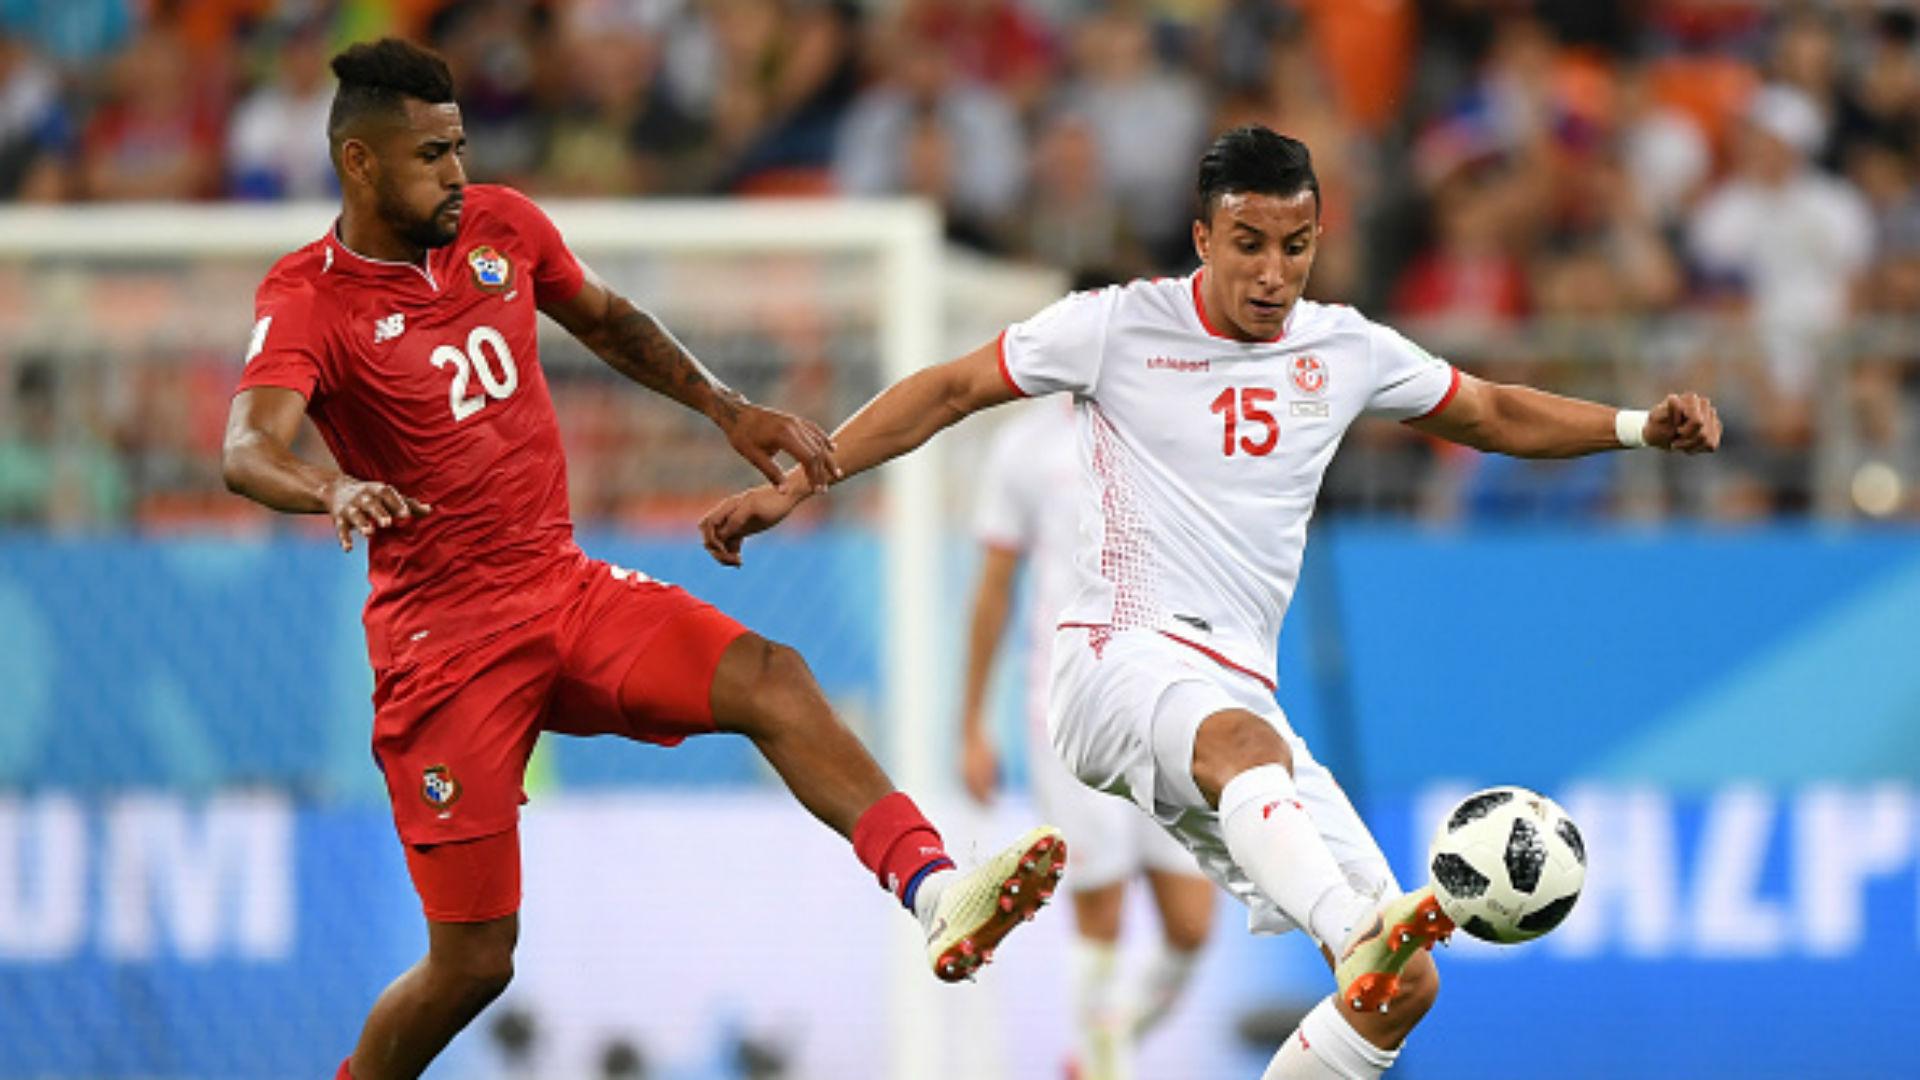 Equipe nationale [Vidéo] : Le but splendide de Ahmed Khalil